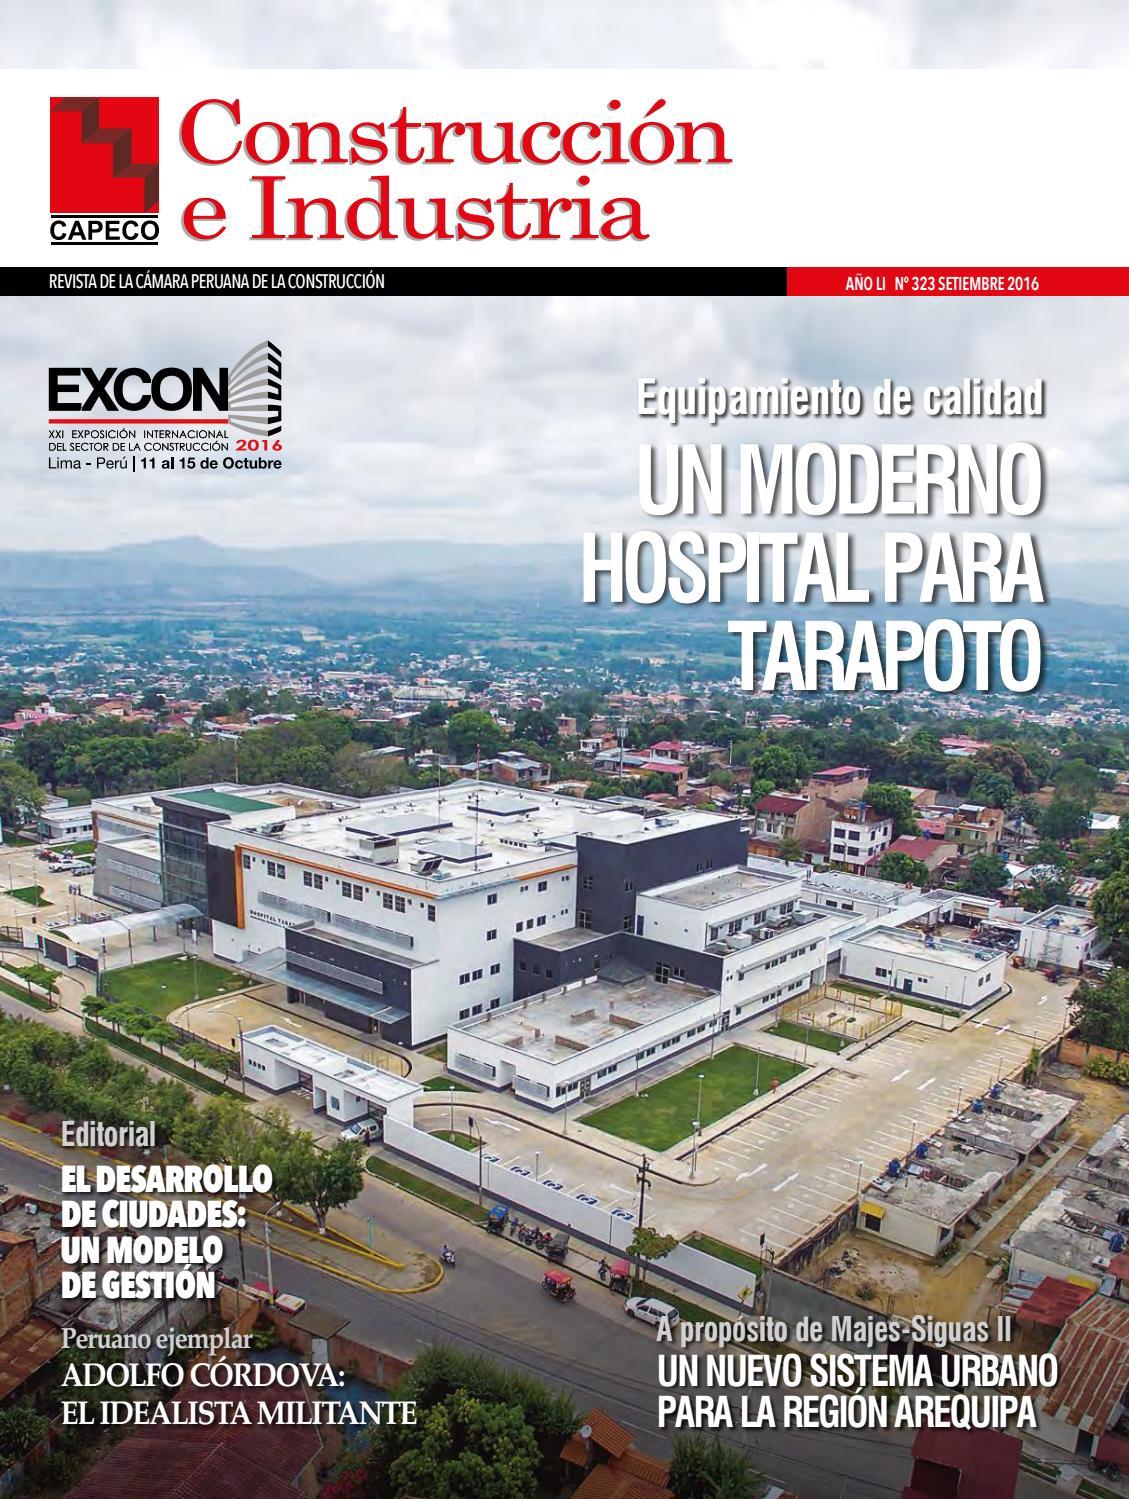 Revista Construcción e Industria Setiembre 2016 by Capeco - issuu 404040bca3f9